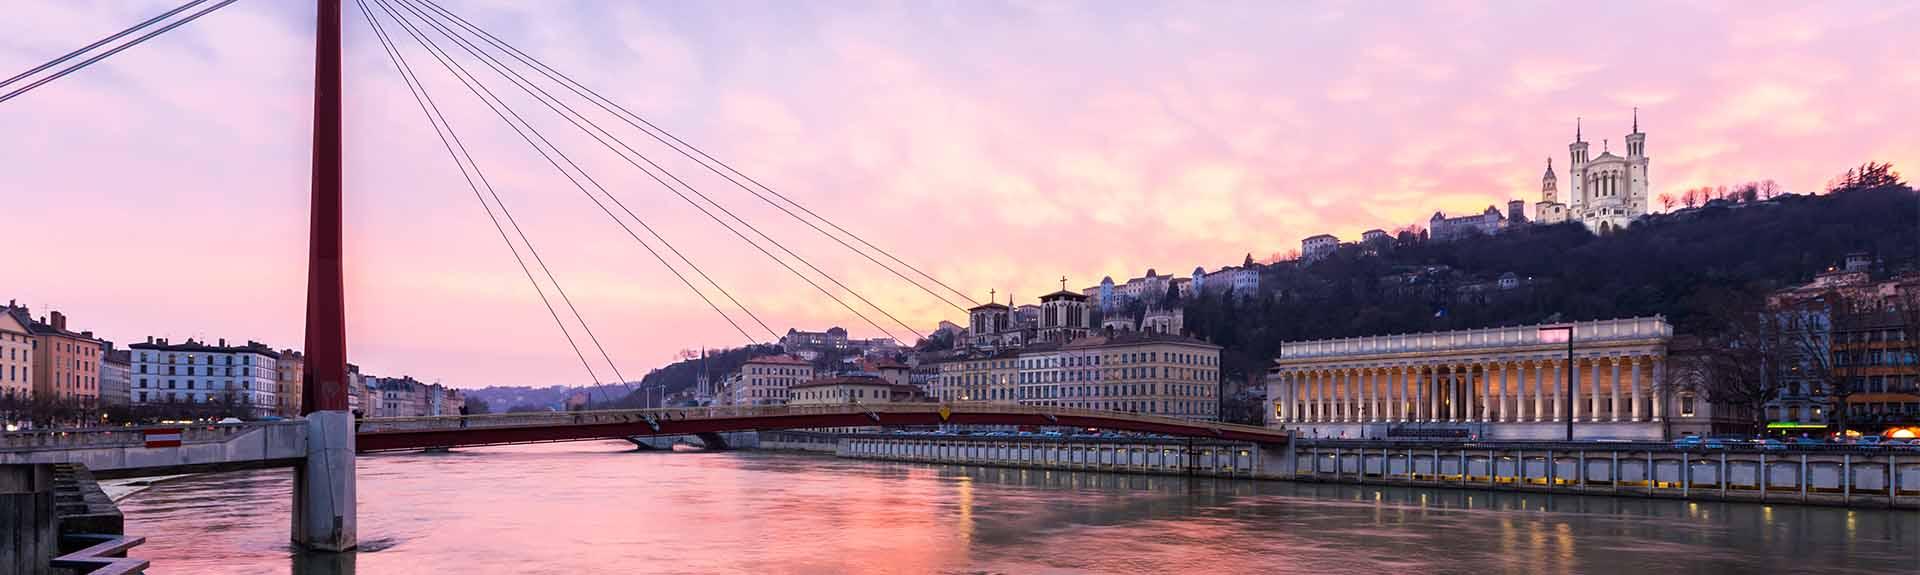 Tribunal Lyon - Balade la justice à lyon - univa 2019-2020